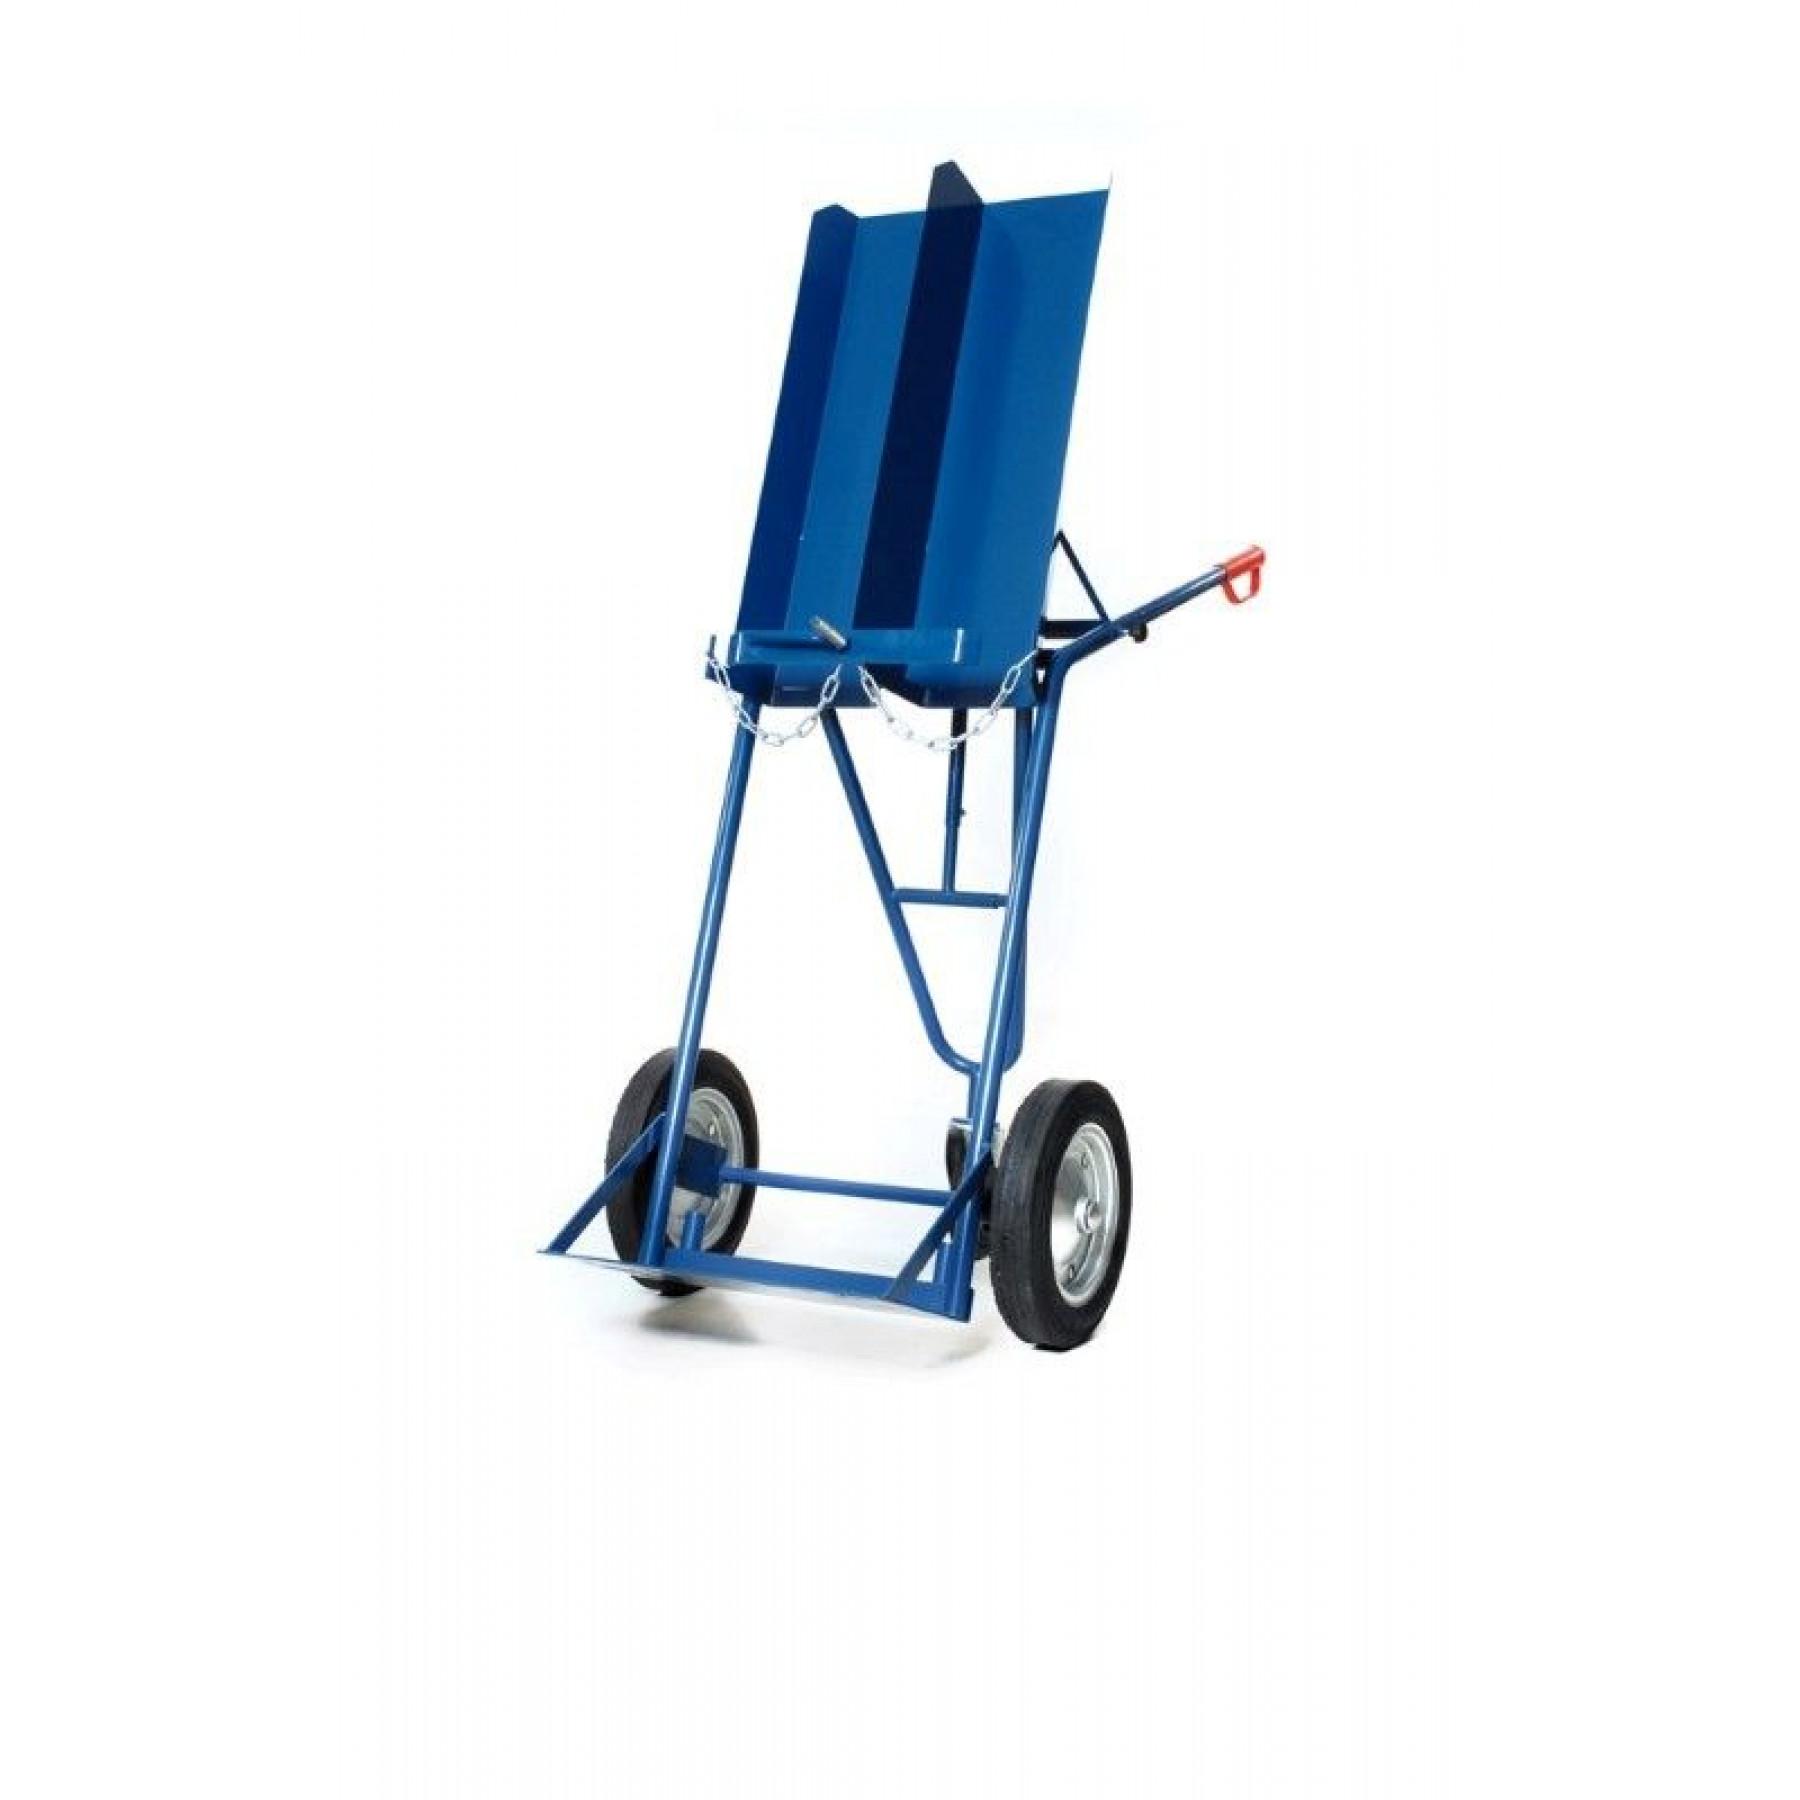 Flessenwagen voor 2 x 40/50 liter flessen met steunwiel